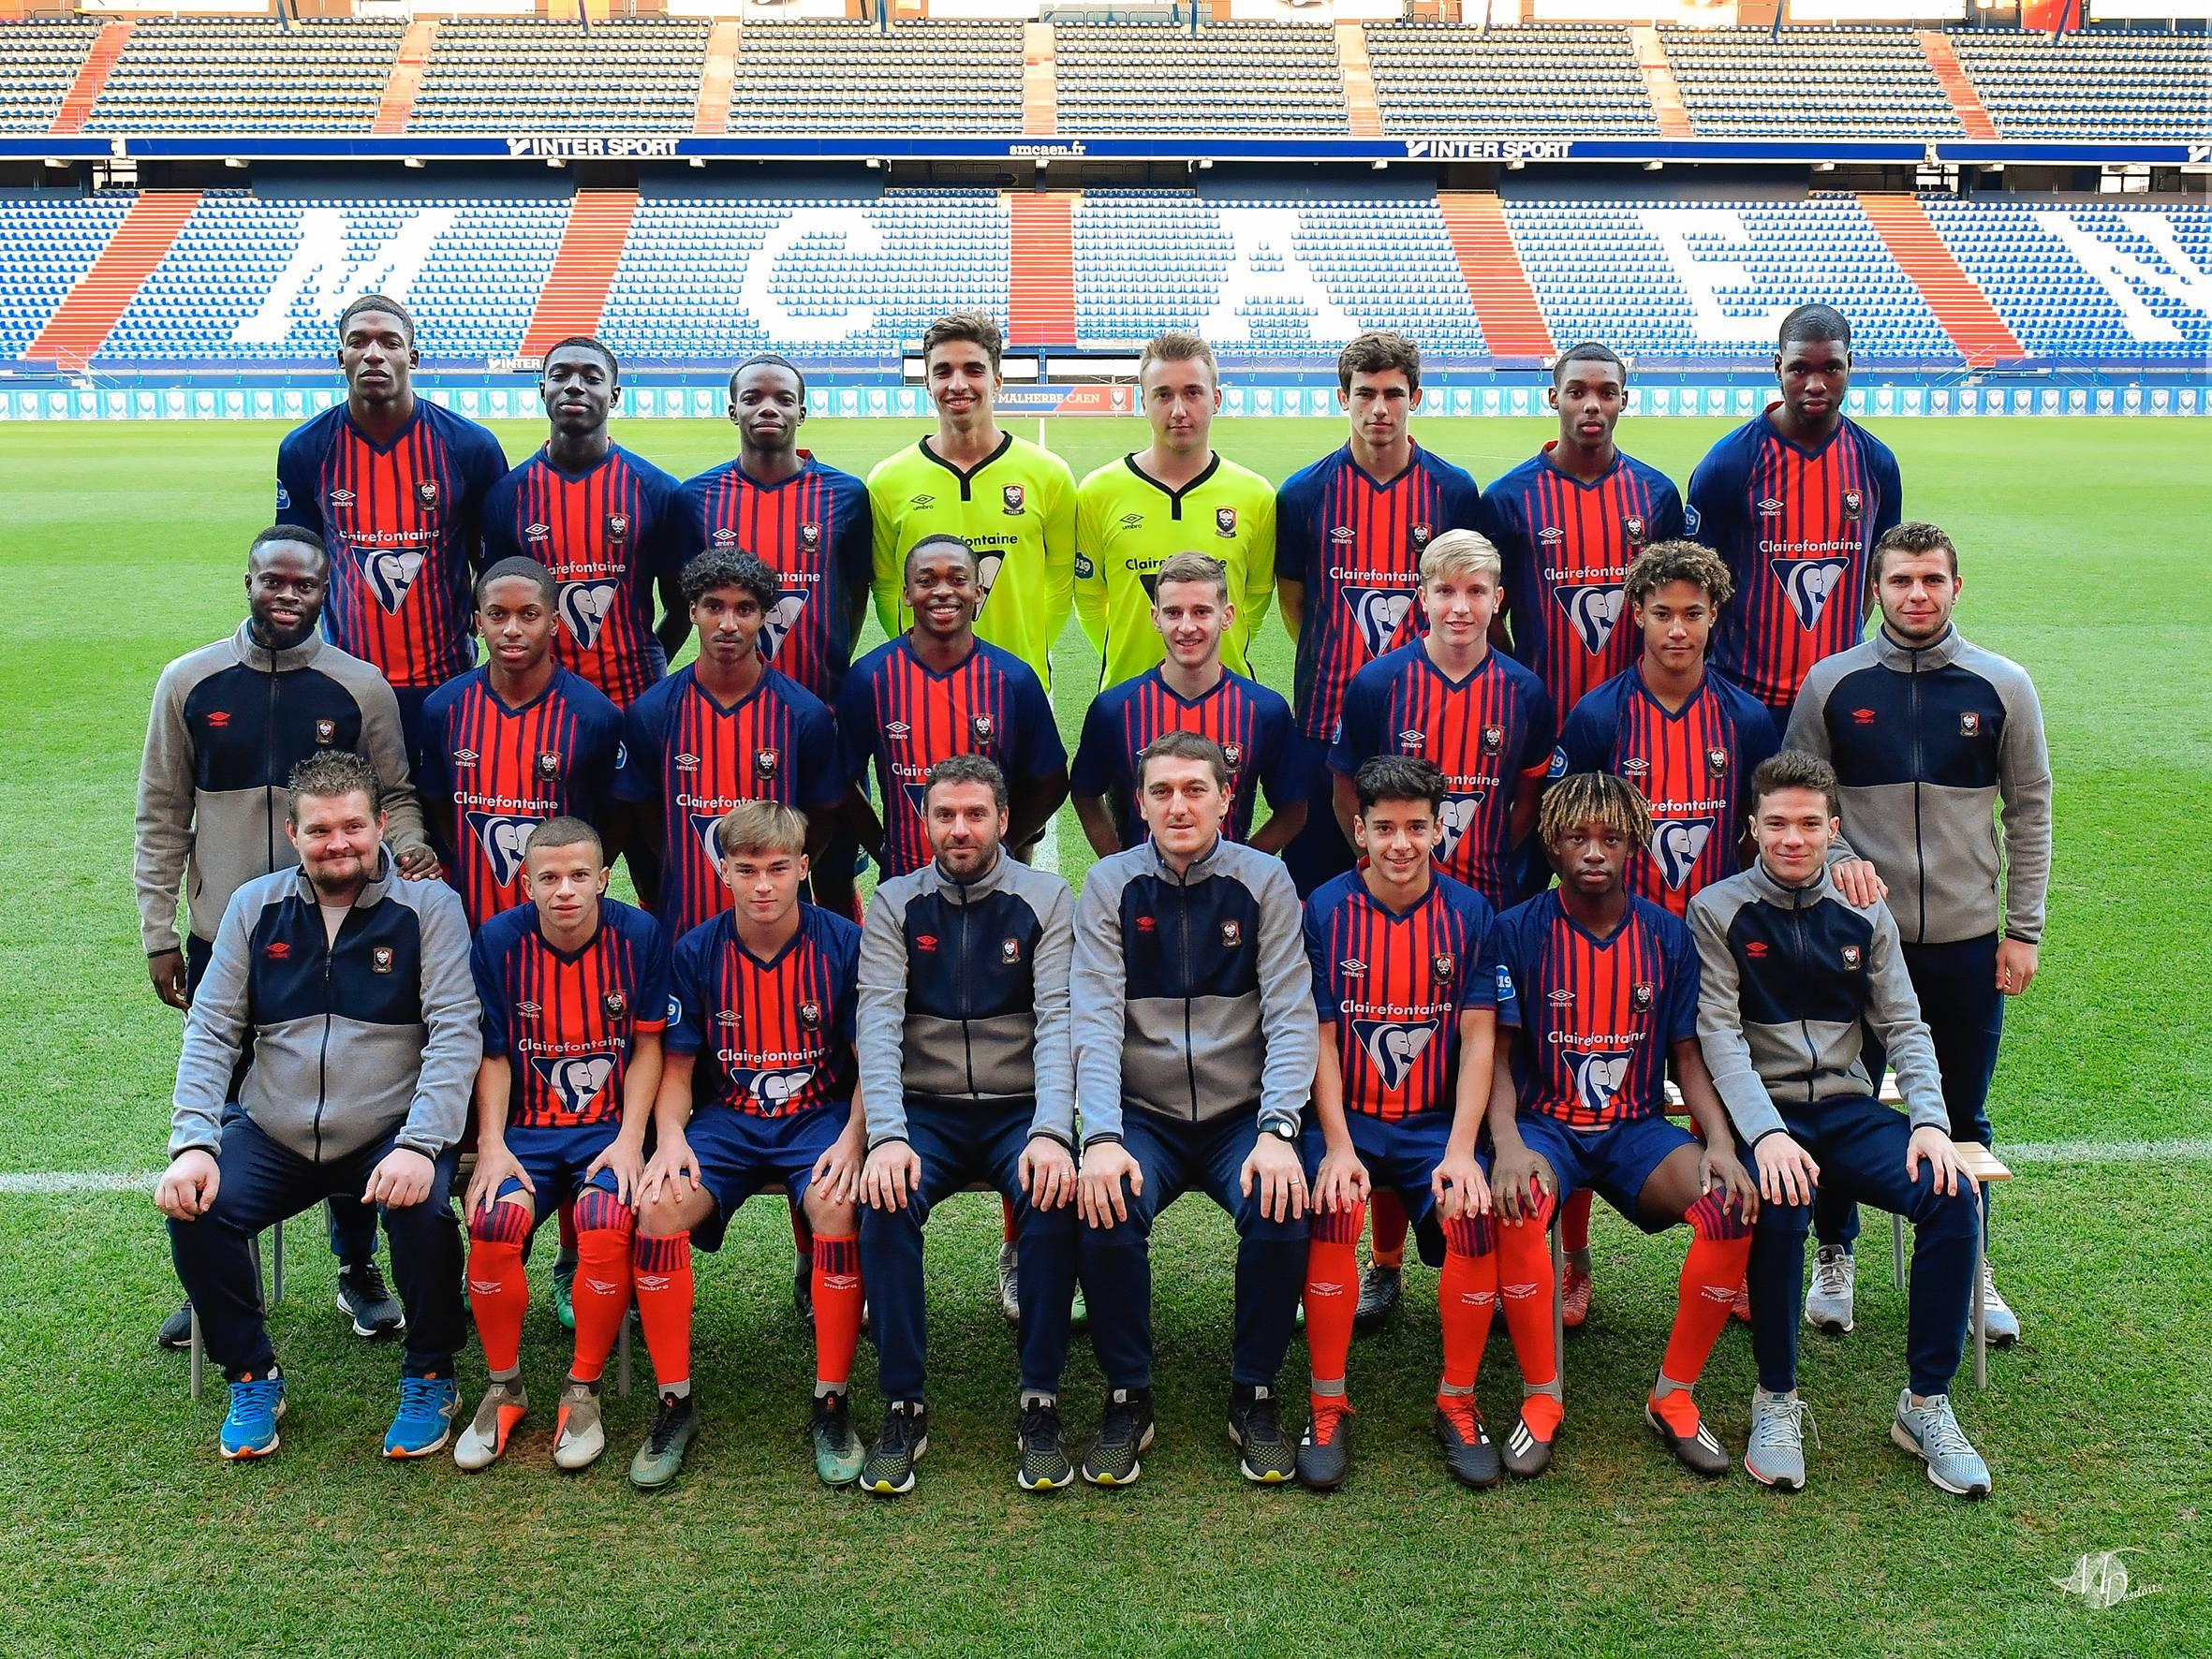 Stade Malherbe Caen Calvados Basse-Normandie - équipe U19 2018-2019